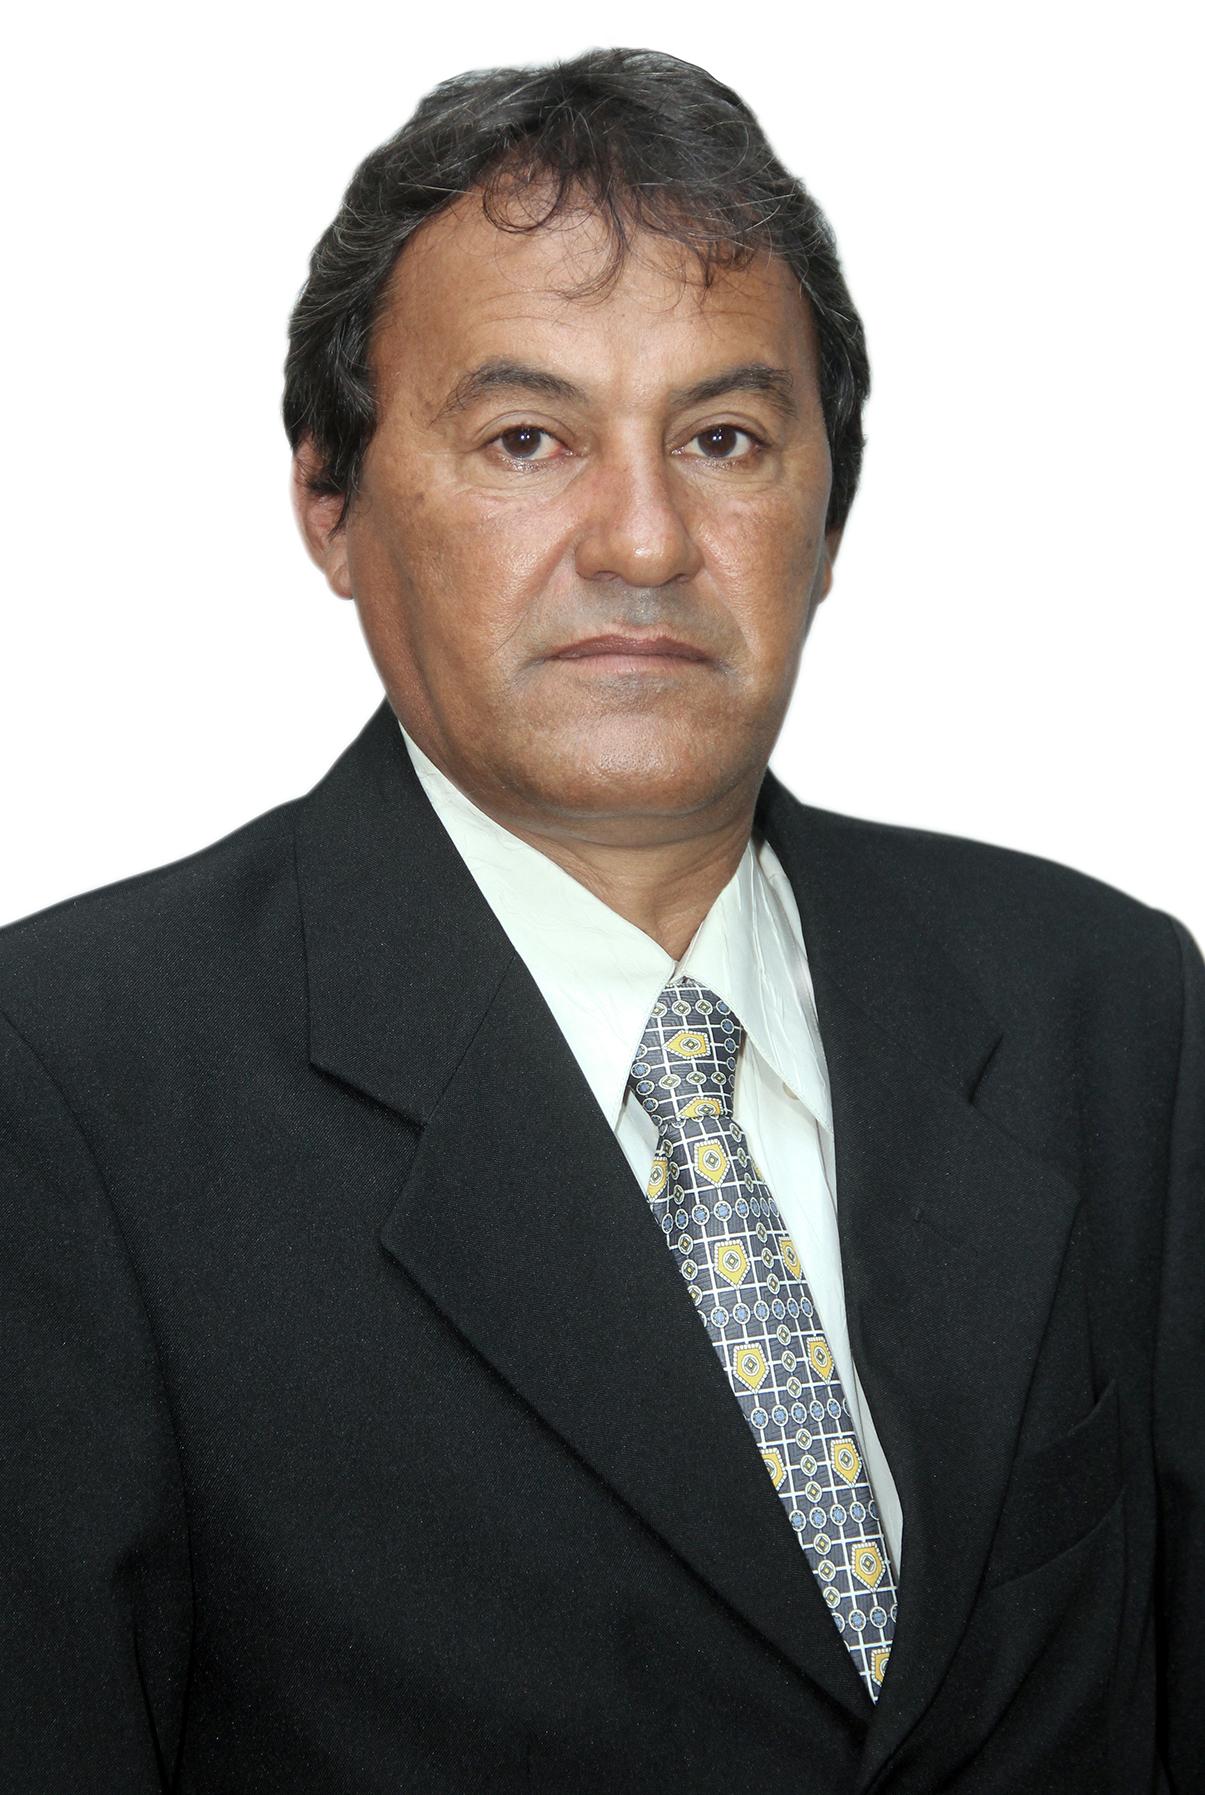 Nivaldo Francisco Ferreira